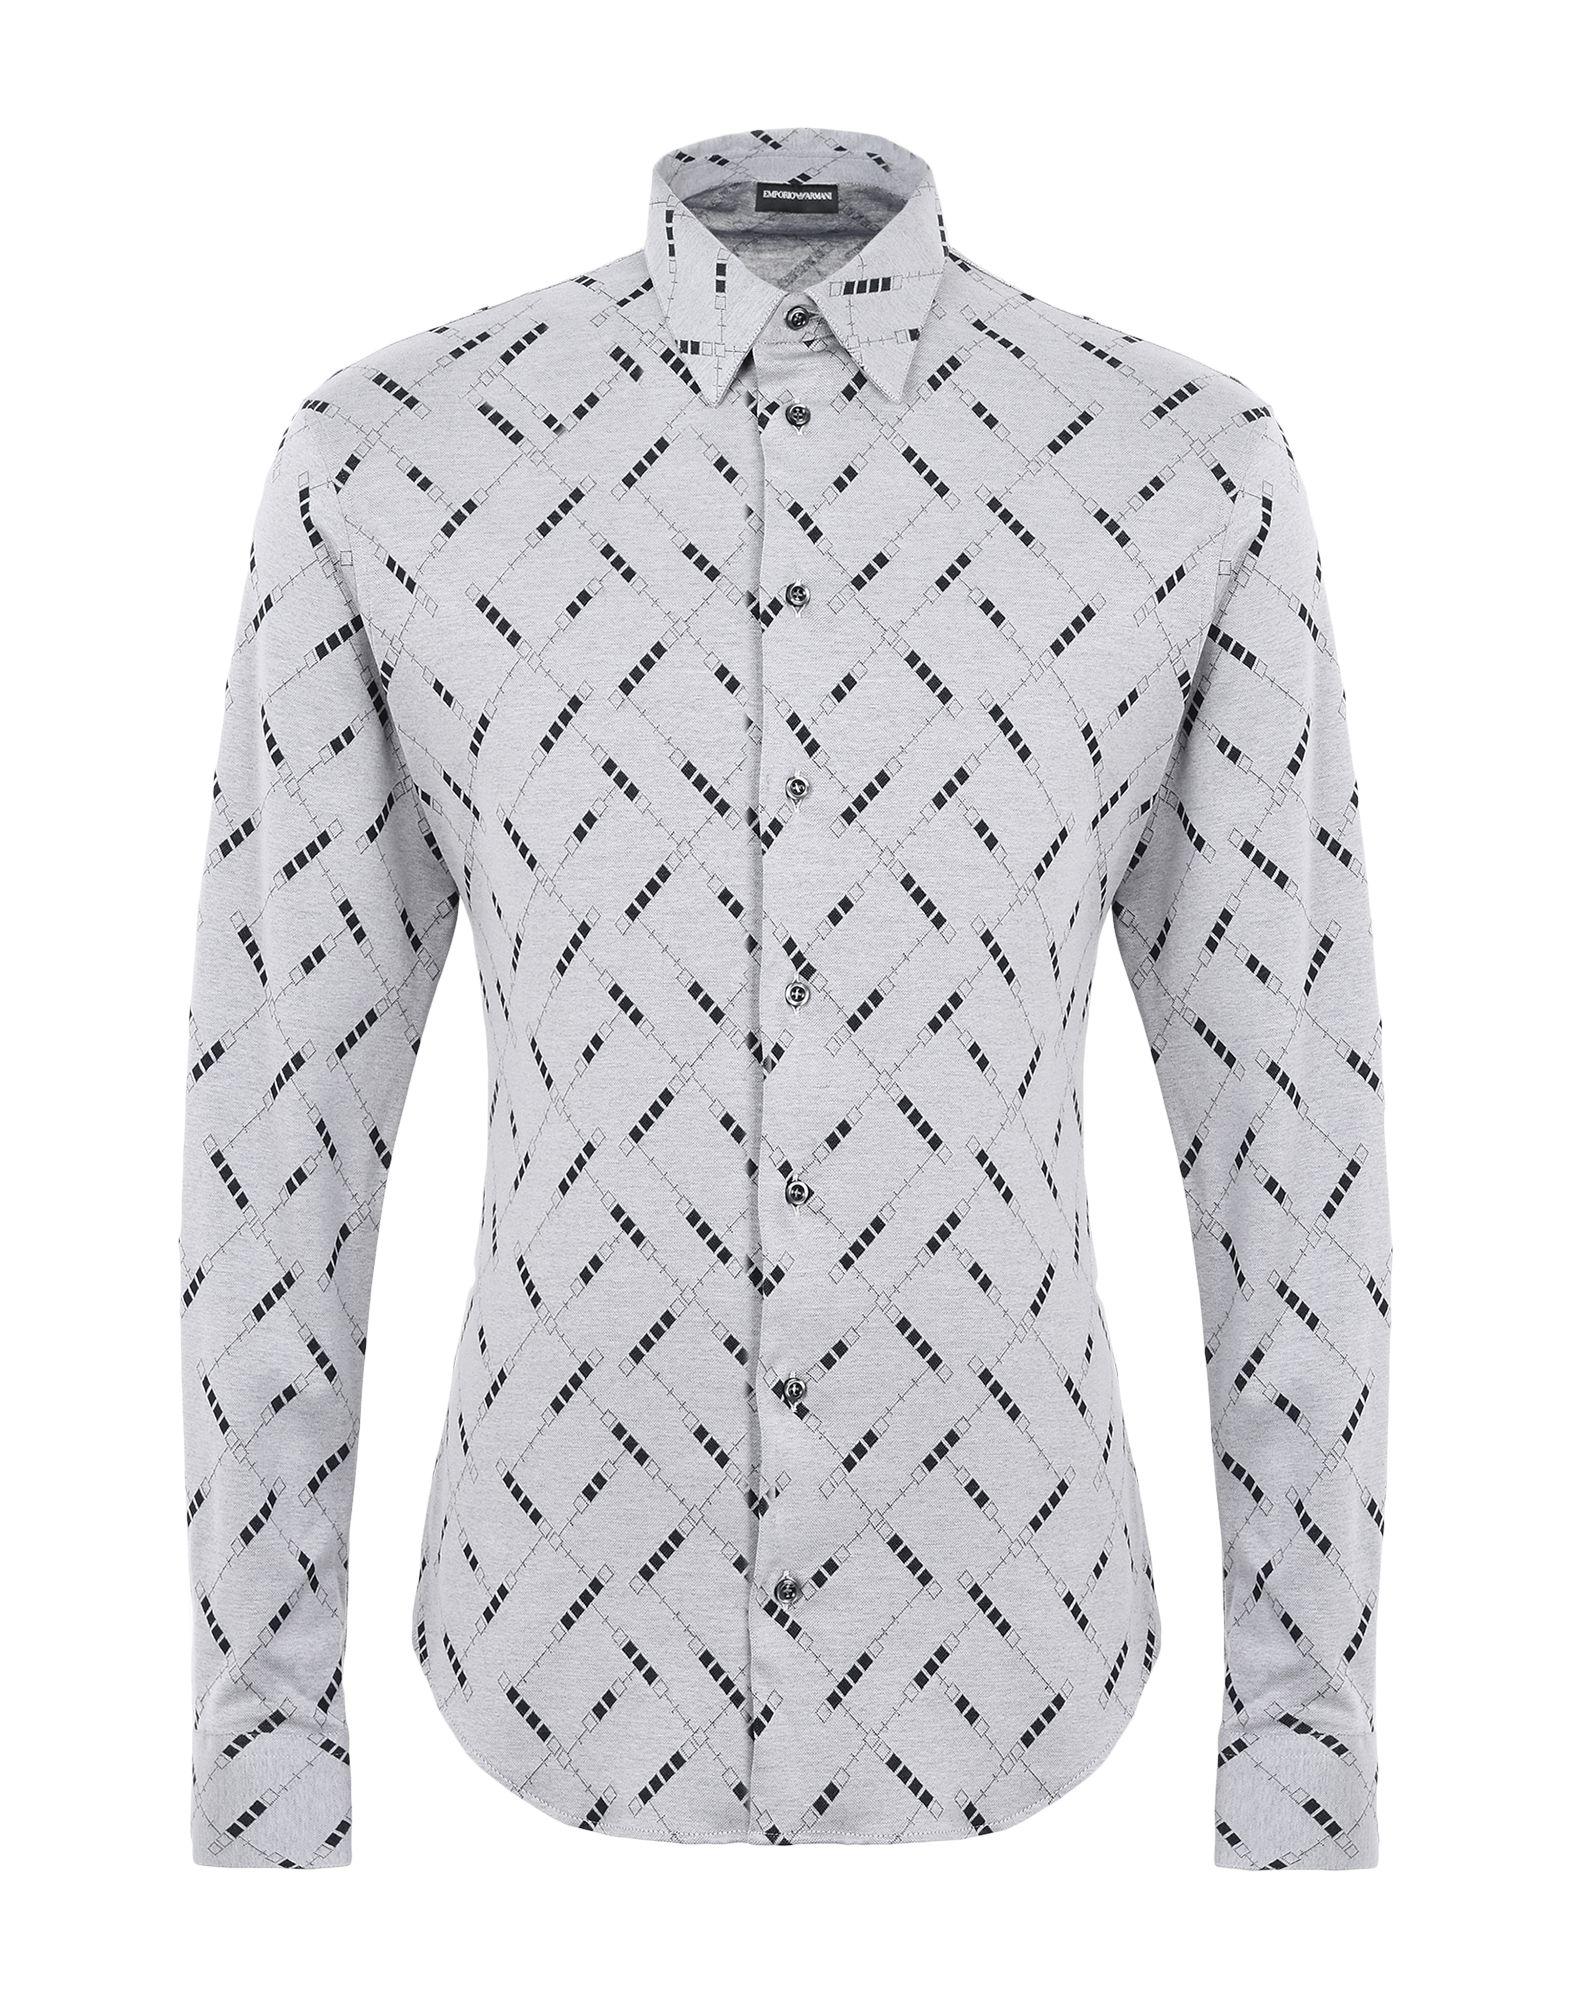 《送料無料》EMPORIO ARMANI メンズ シャツ グレー 39 コットン 100%